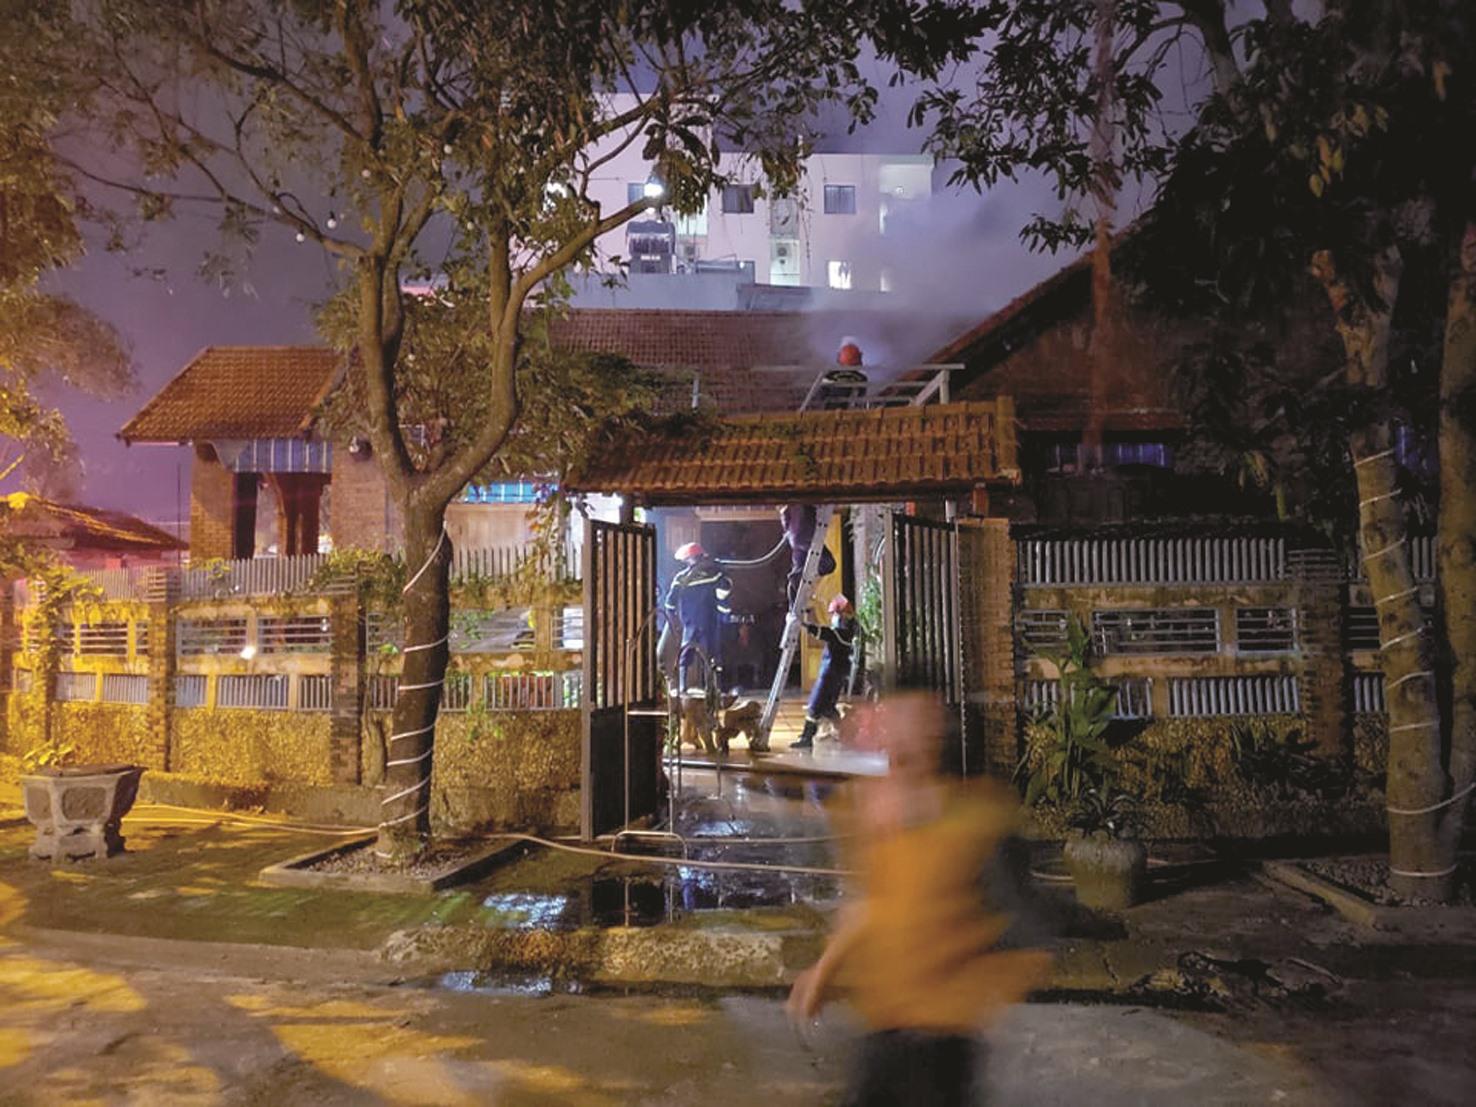 Đã có 23 vụ cháy xảy ra trên địa bàn tỉnh từ đầu năm đến nay, gây thiệt hại khoảng 3,3 tỷ đồng. Trong ảnh: Vụ cháy xảy ra ở phường Tân Thạnh (TP.Tam Kỳ) vào đầu năm nay. Ảnh: P.V